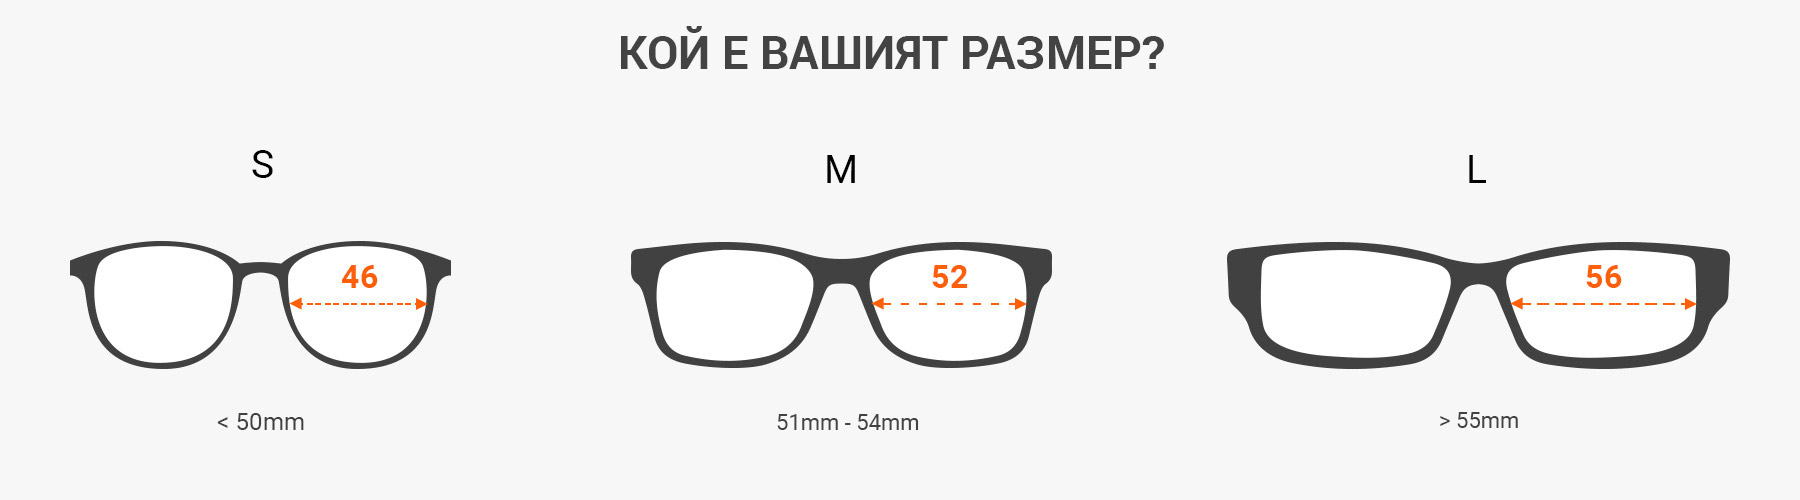 как да разчитате параметрите на слънчевите очила - Измерете размерите на слънчевите очила с рулетка или метър.